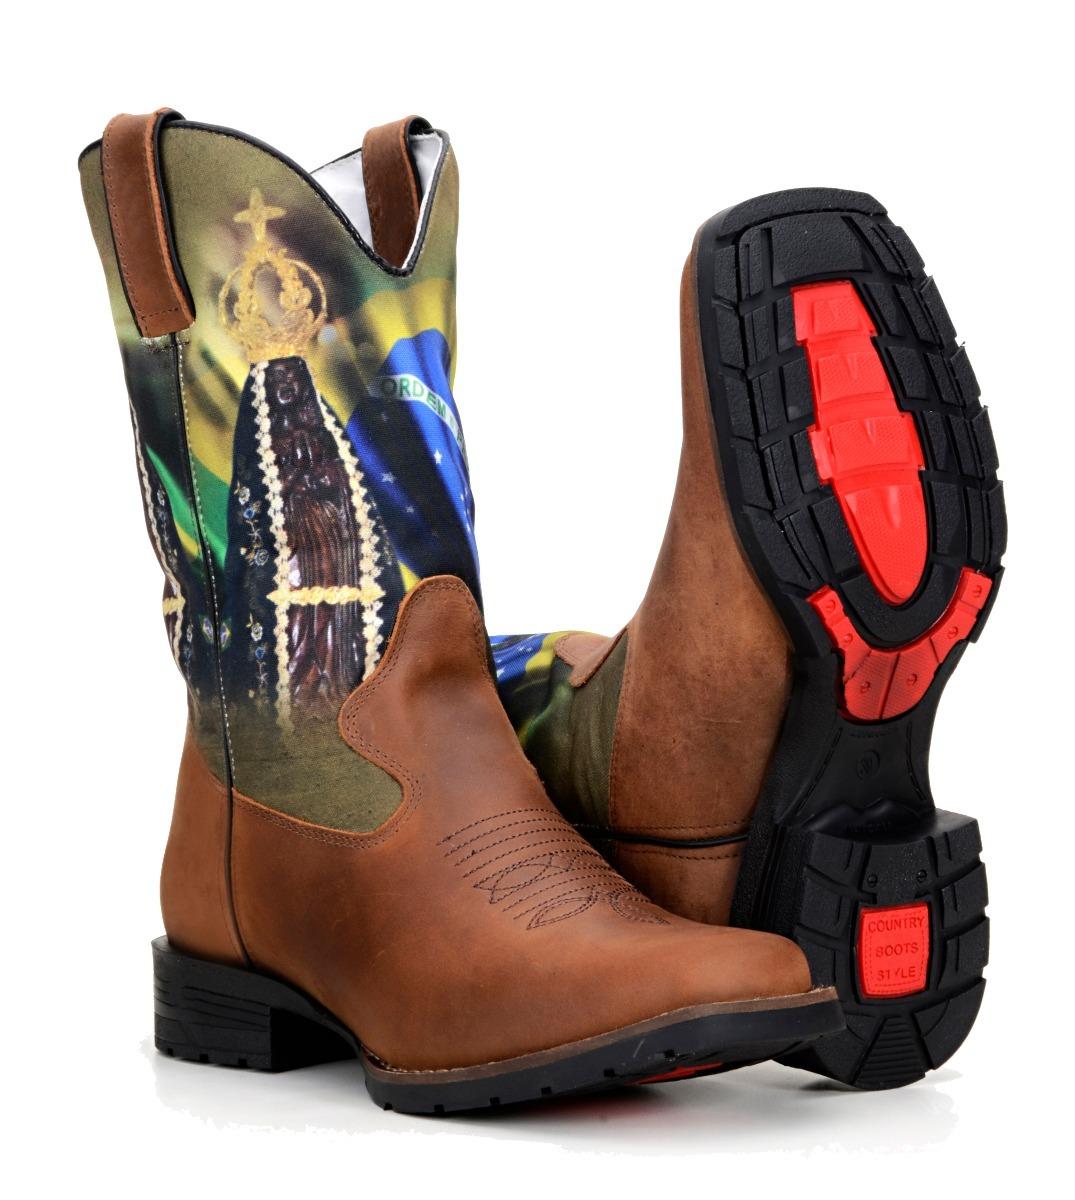 e5f68e7a235dd bota country masculina texana cavalo bico quadrado horse blk. Carregando  zoom.